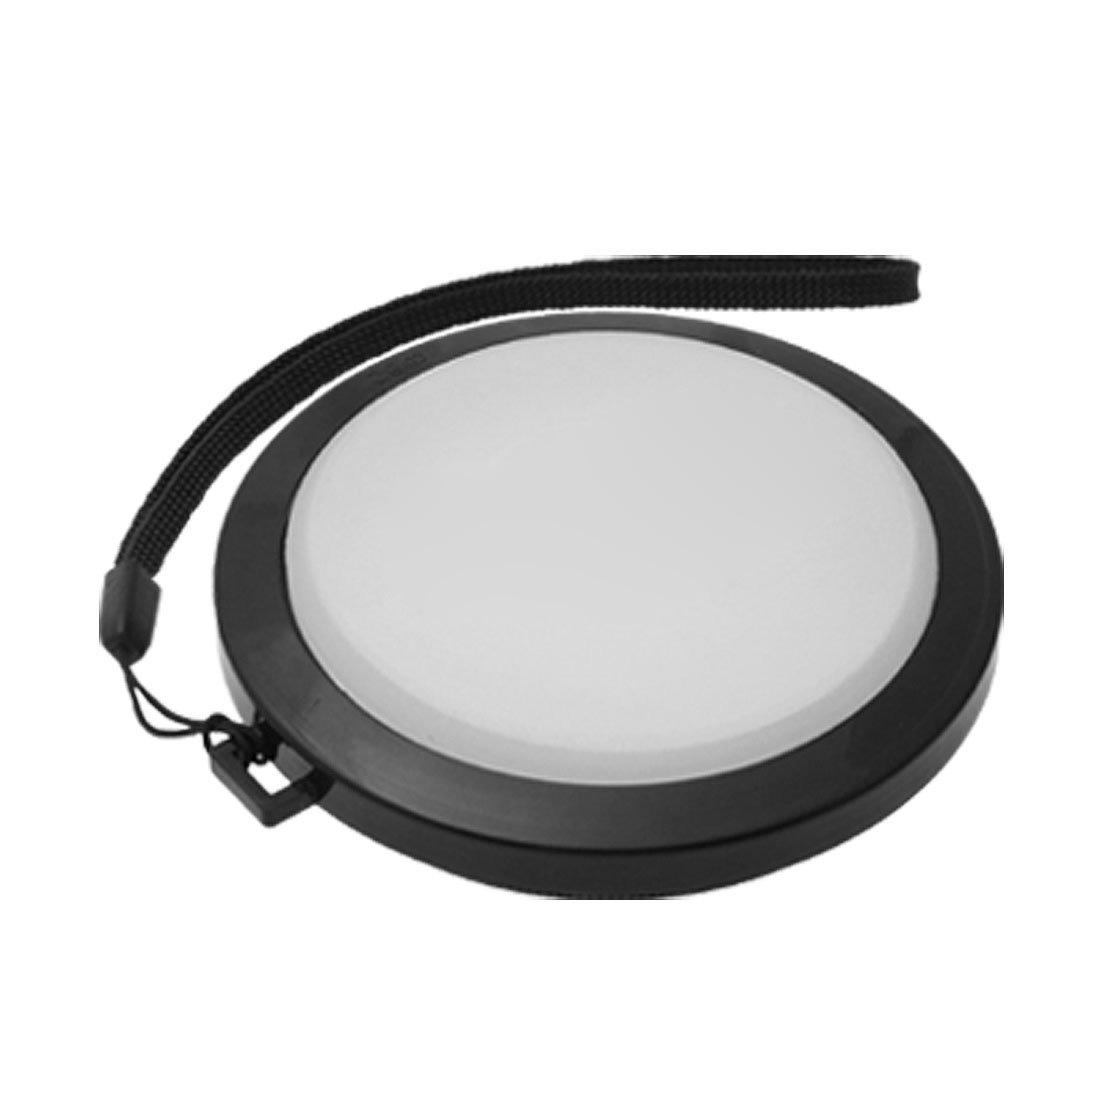 EDT-82mm White Balance DC/DV Camera Lens Cap Filter Mount